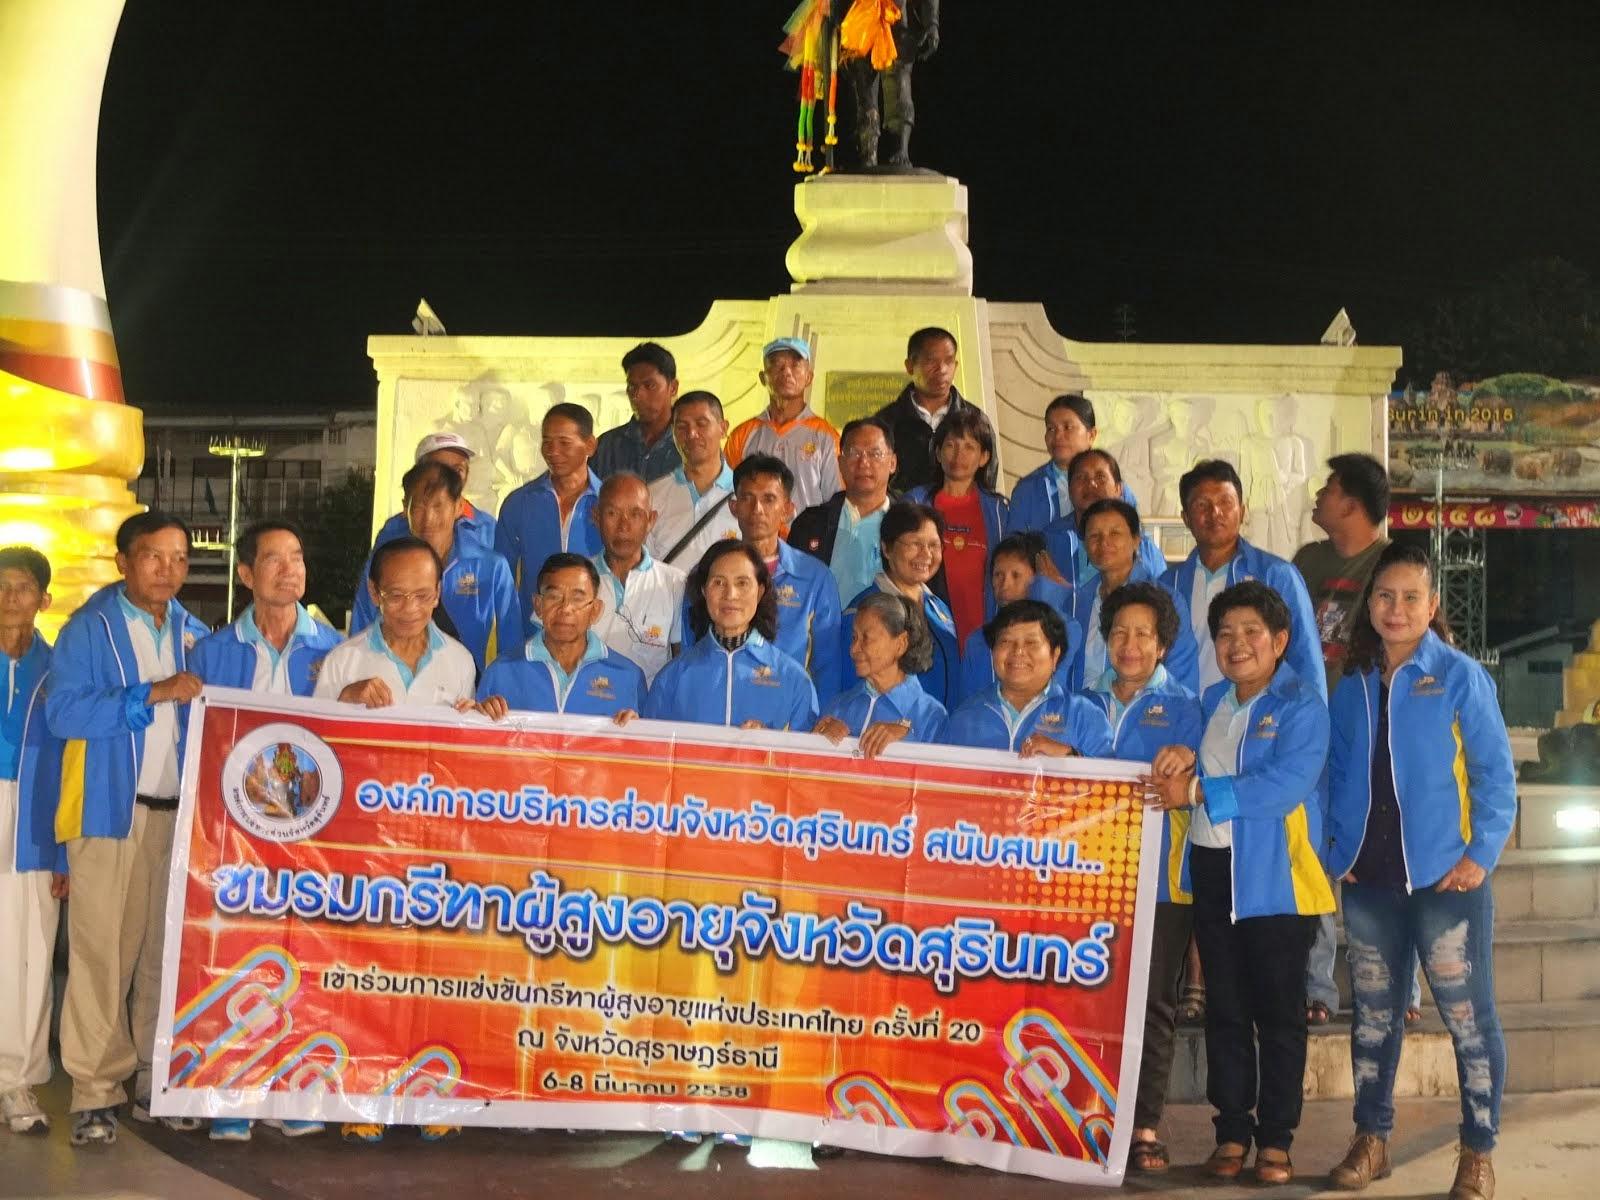 ชมรมกรีฑาสูงอายุสุรินทร์ เข้าร่วมการแข่งขันกรีฑาสูงอายุ ชิงชนะเลิศแห่งประเทศไทย 2558 สุราษฎร์ธานี